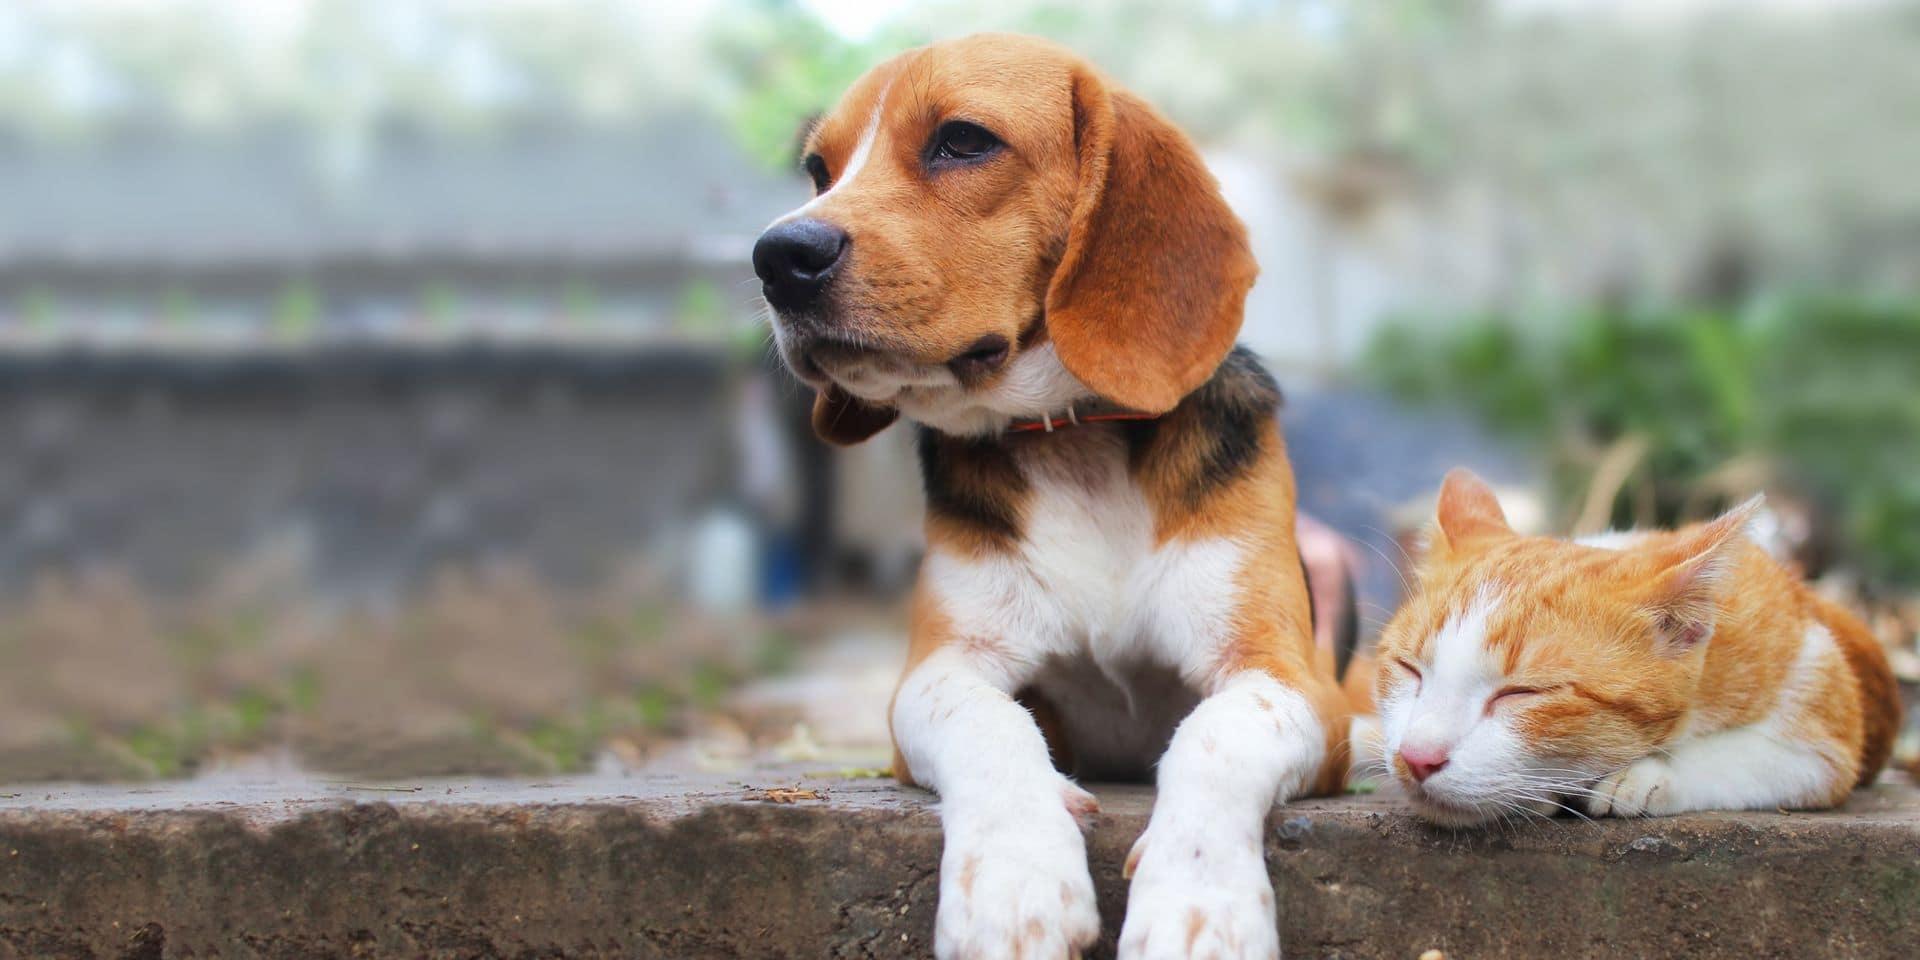 Antidouleurs, anti inflammatoires, médecine vétérinaire interne, oncologie, etc. L'économie des animaux de compagnie couvre de nombreux domaines.